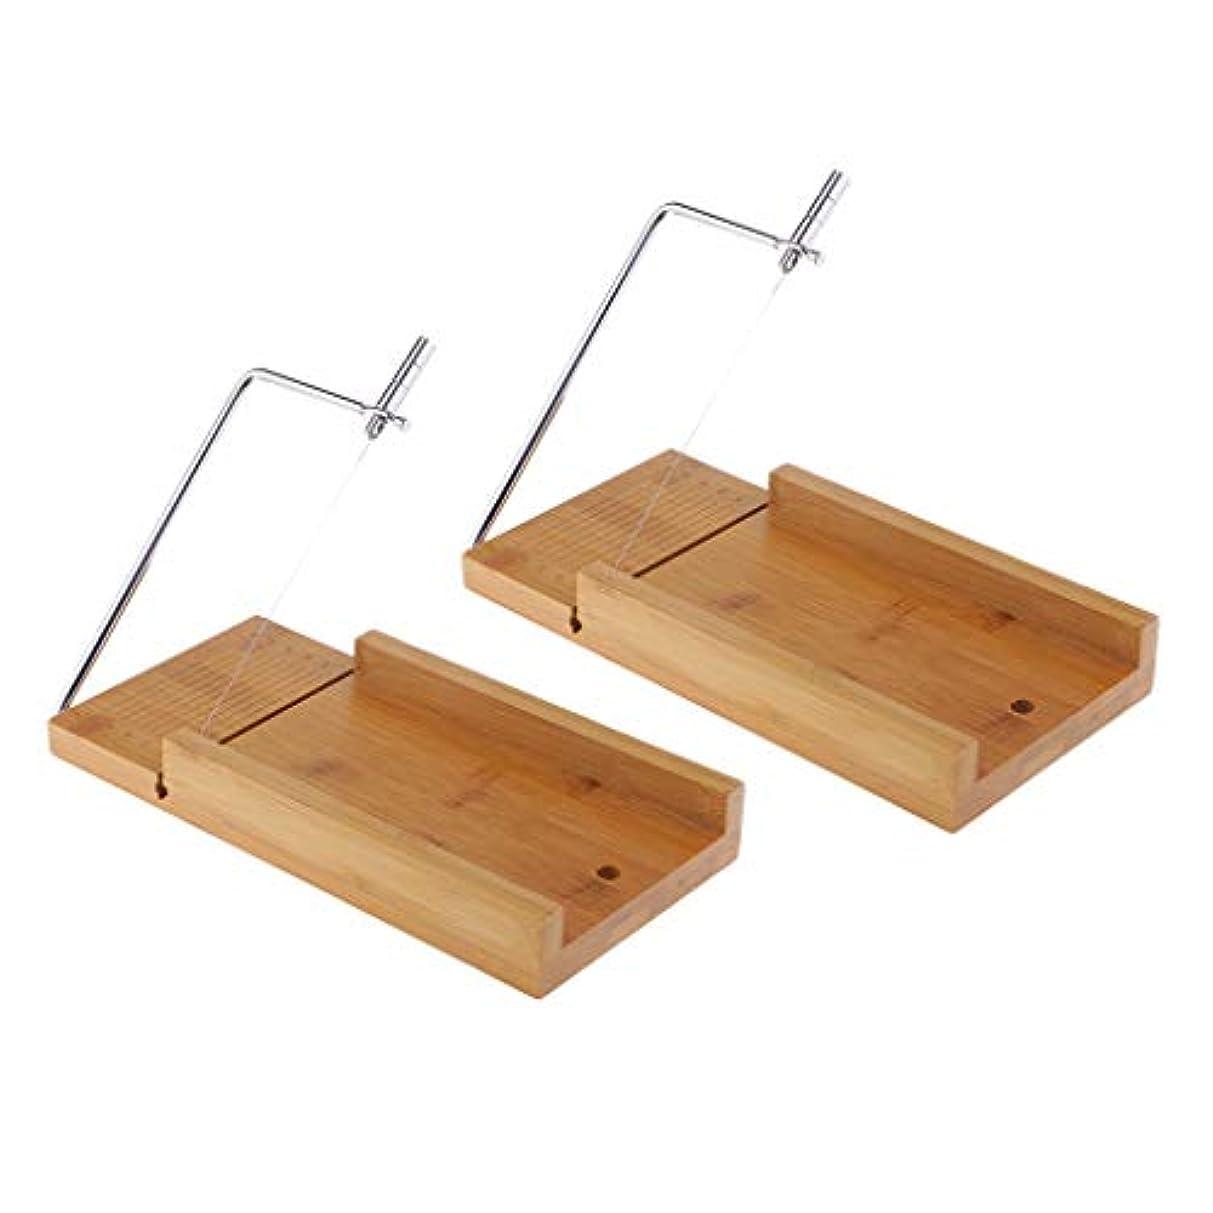 事故割合露骨なソープカッター チーズナイフ ワイヤー せっけんカッター 台 木質 石鹸切削工具 2個入り